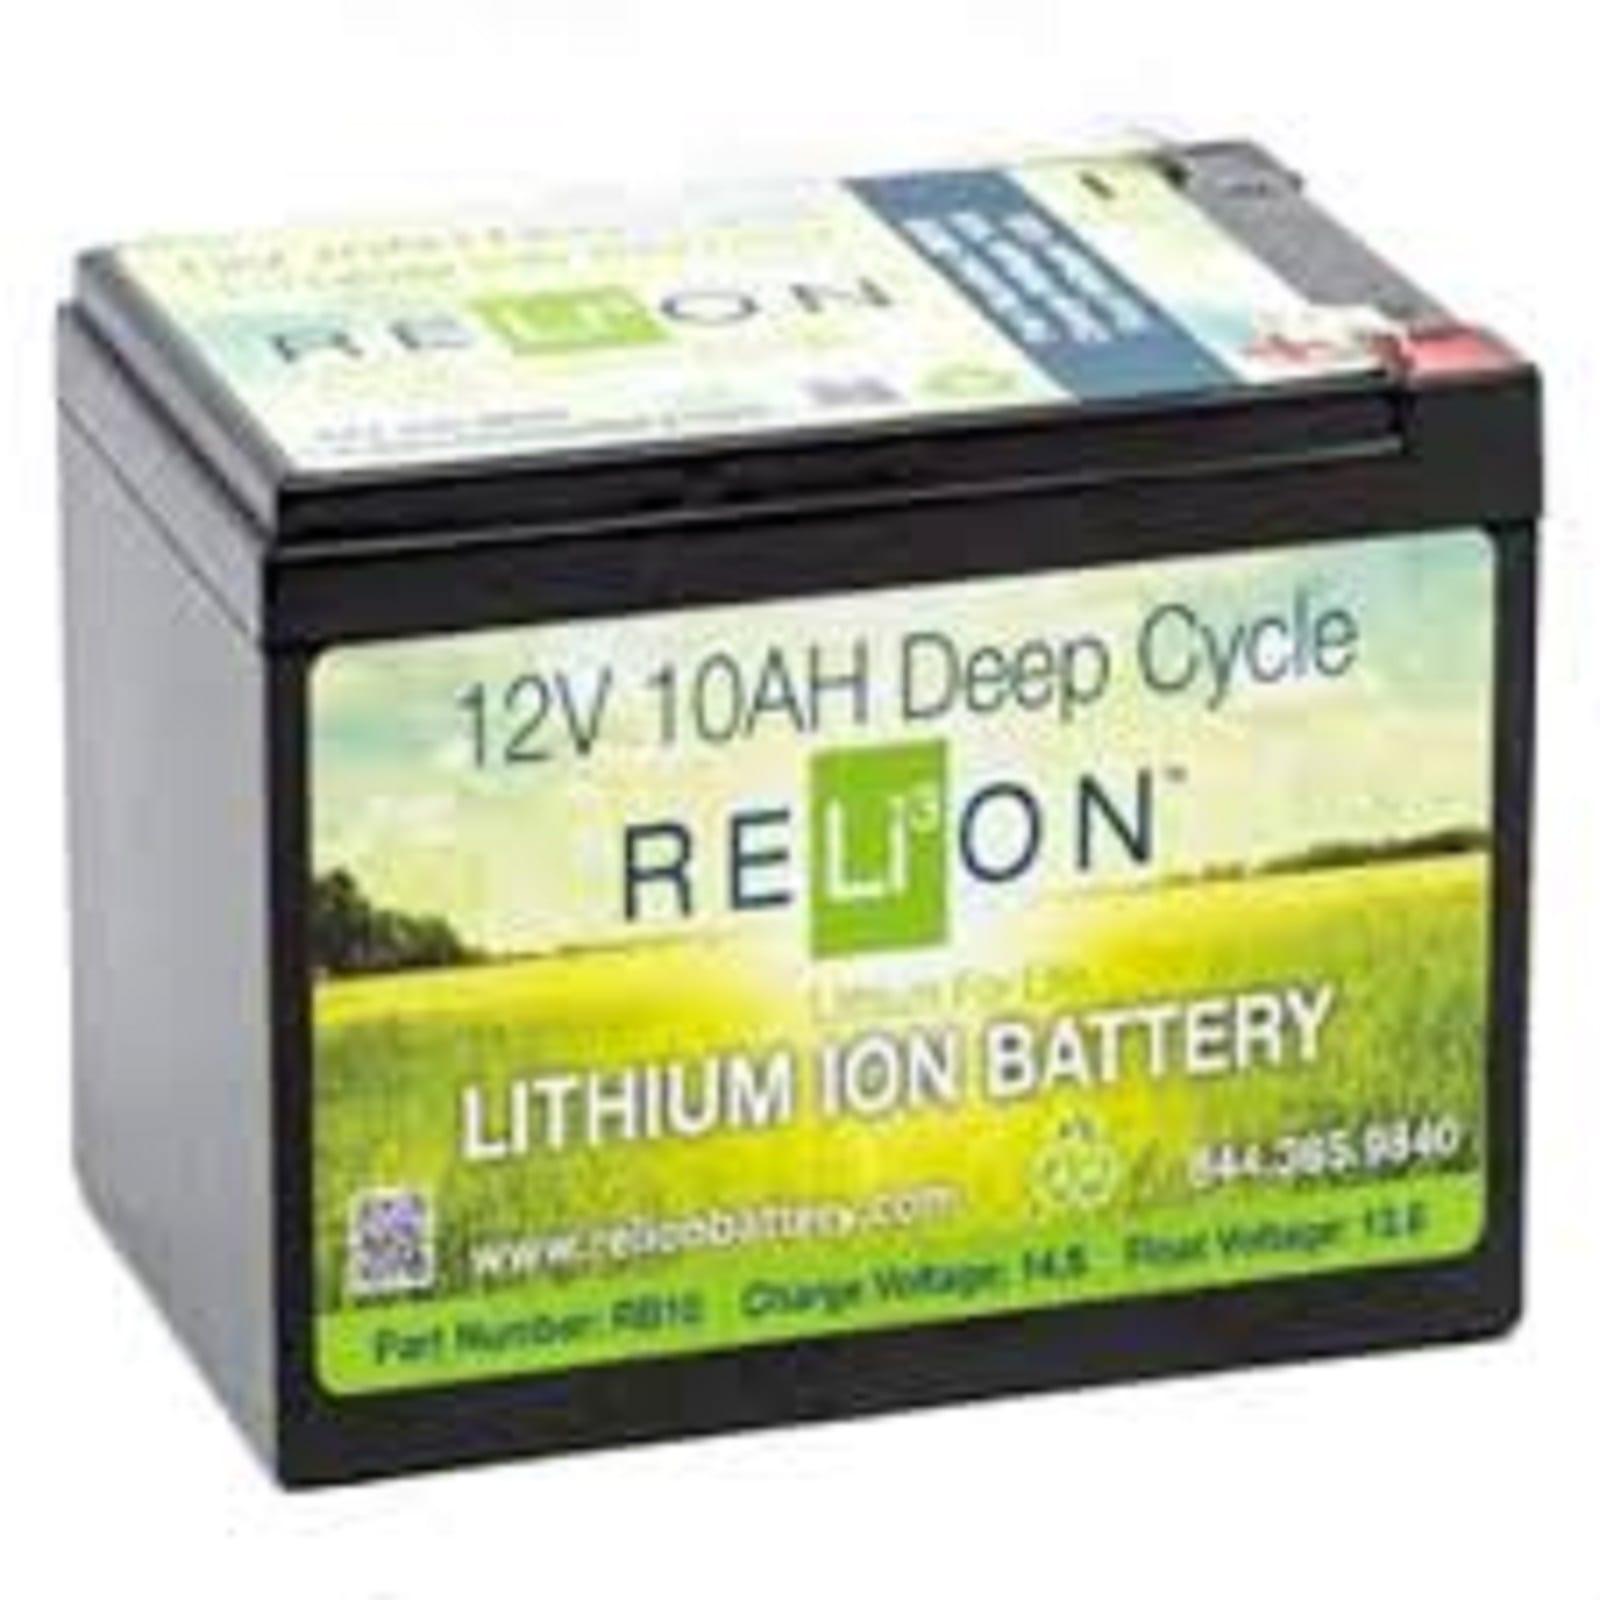 relion10Ah